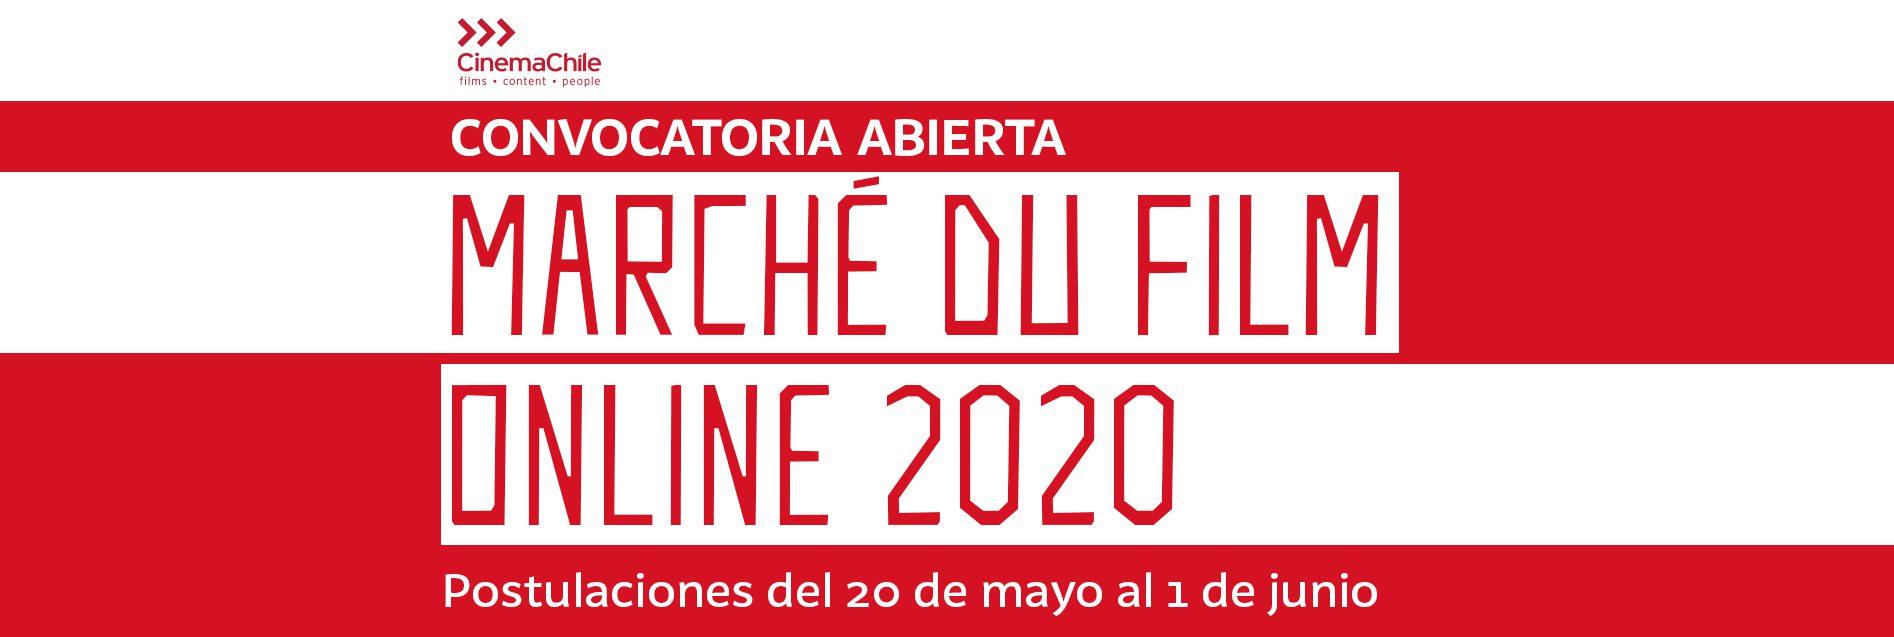 Convocatoria abierta: delegación chilena en Marché du Film online, Cannes 2020